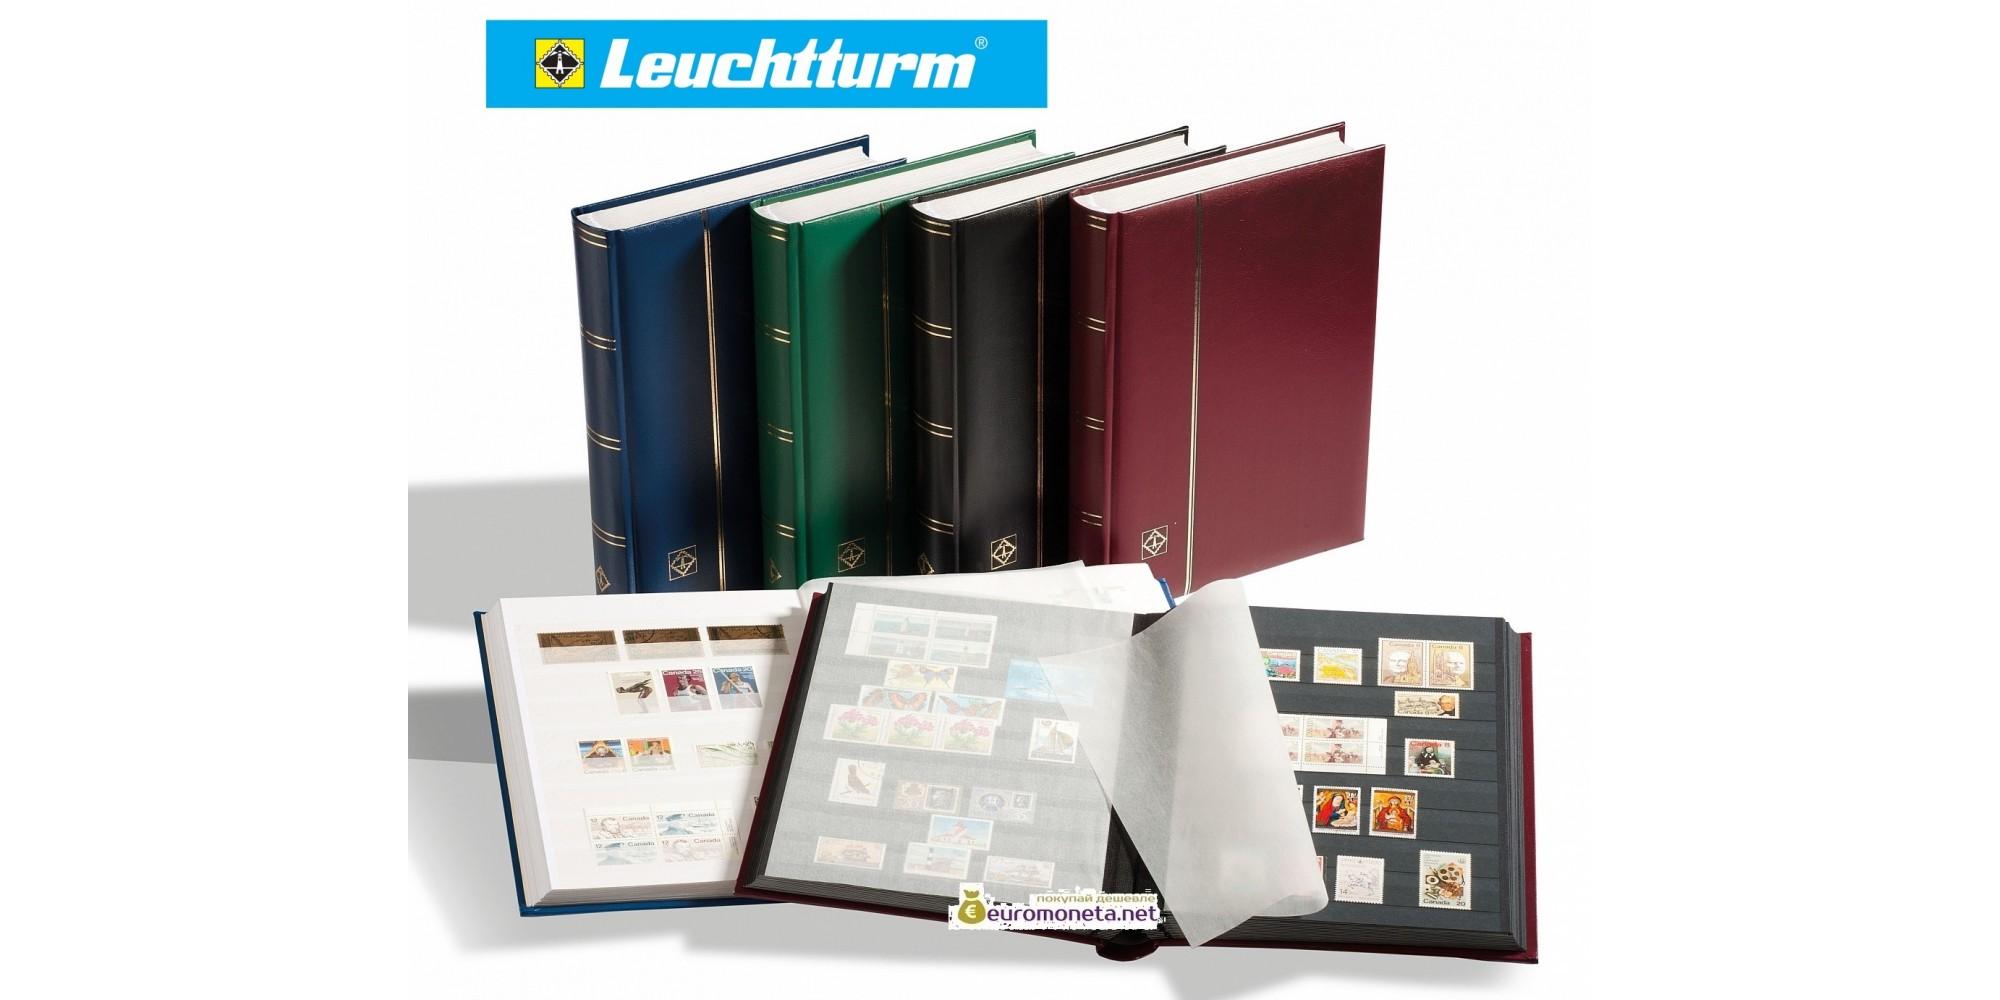 Leuchtturm альбом COMFORT DIN A4 S32 чёрные страницы, мягкая обложка, зелёный, Германия